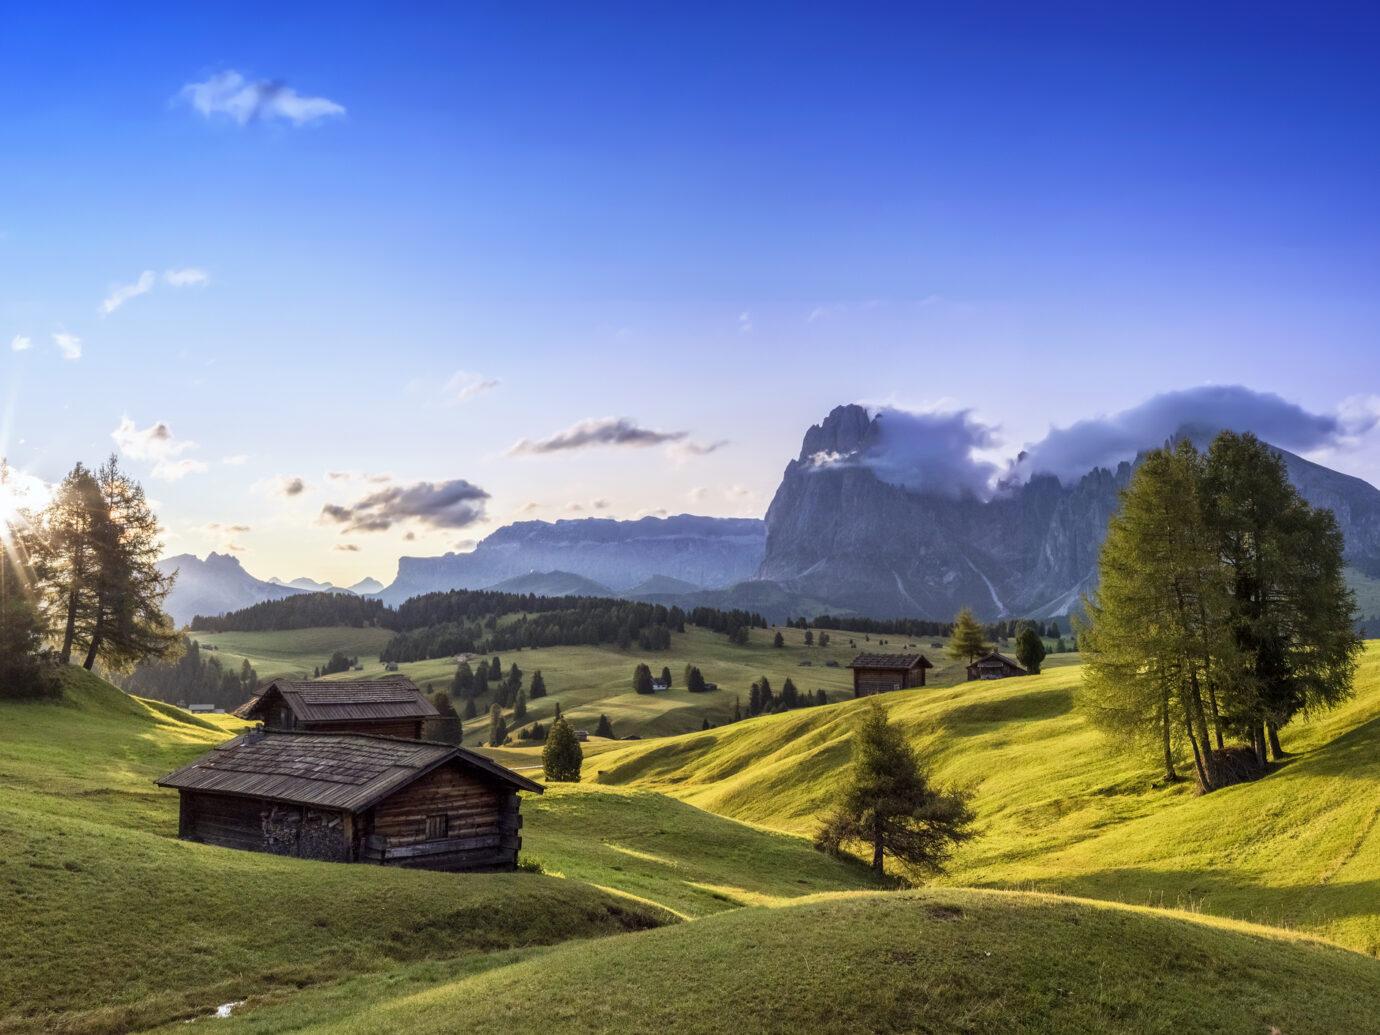 Dolomites, Mountain, Mountain Range, European Alps